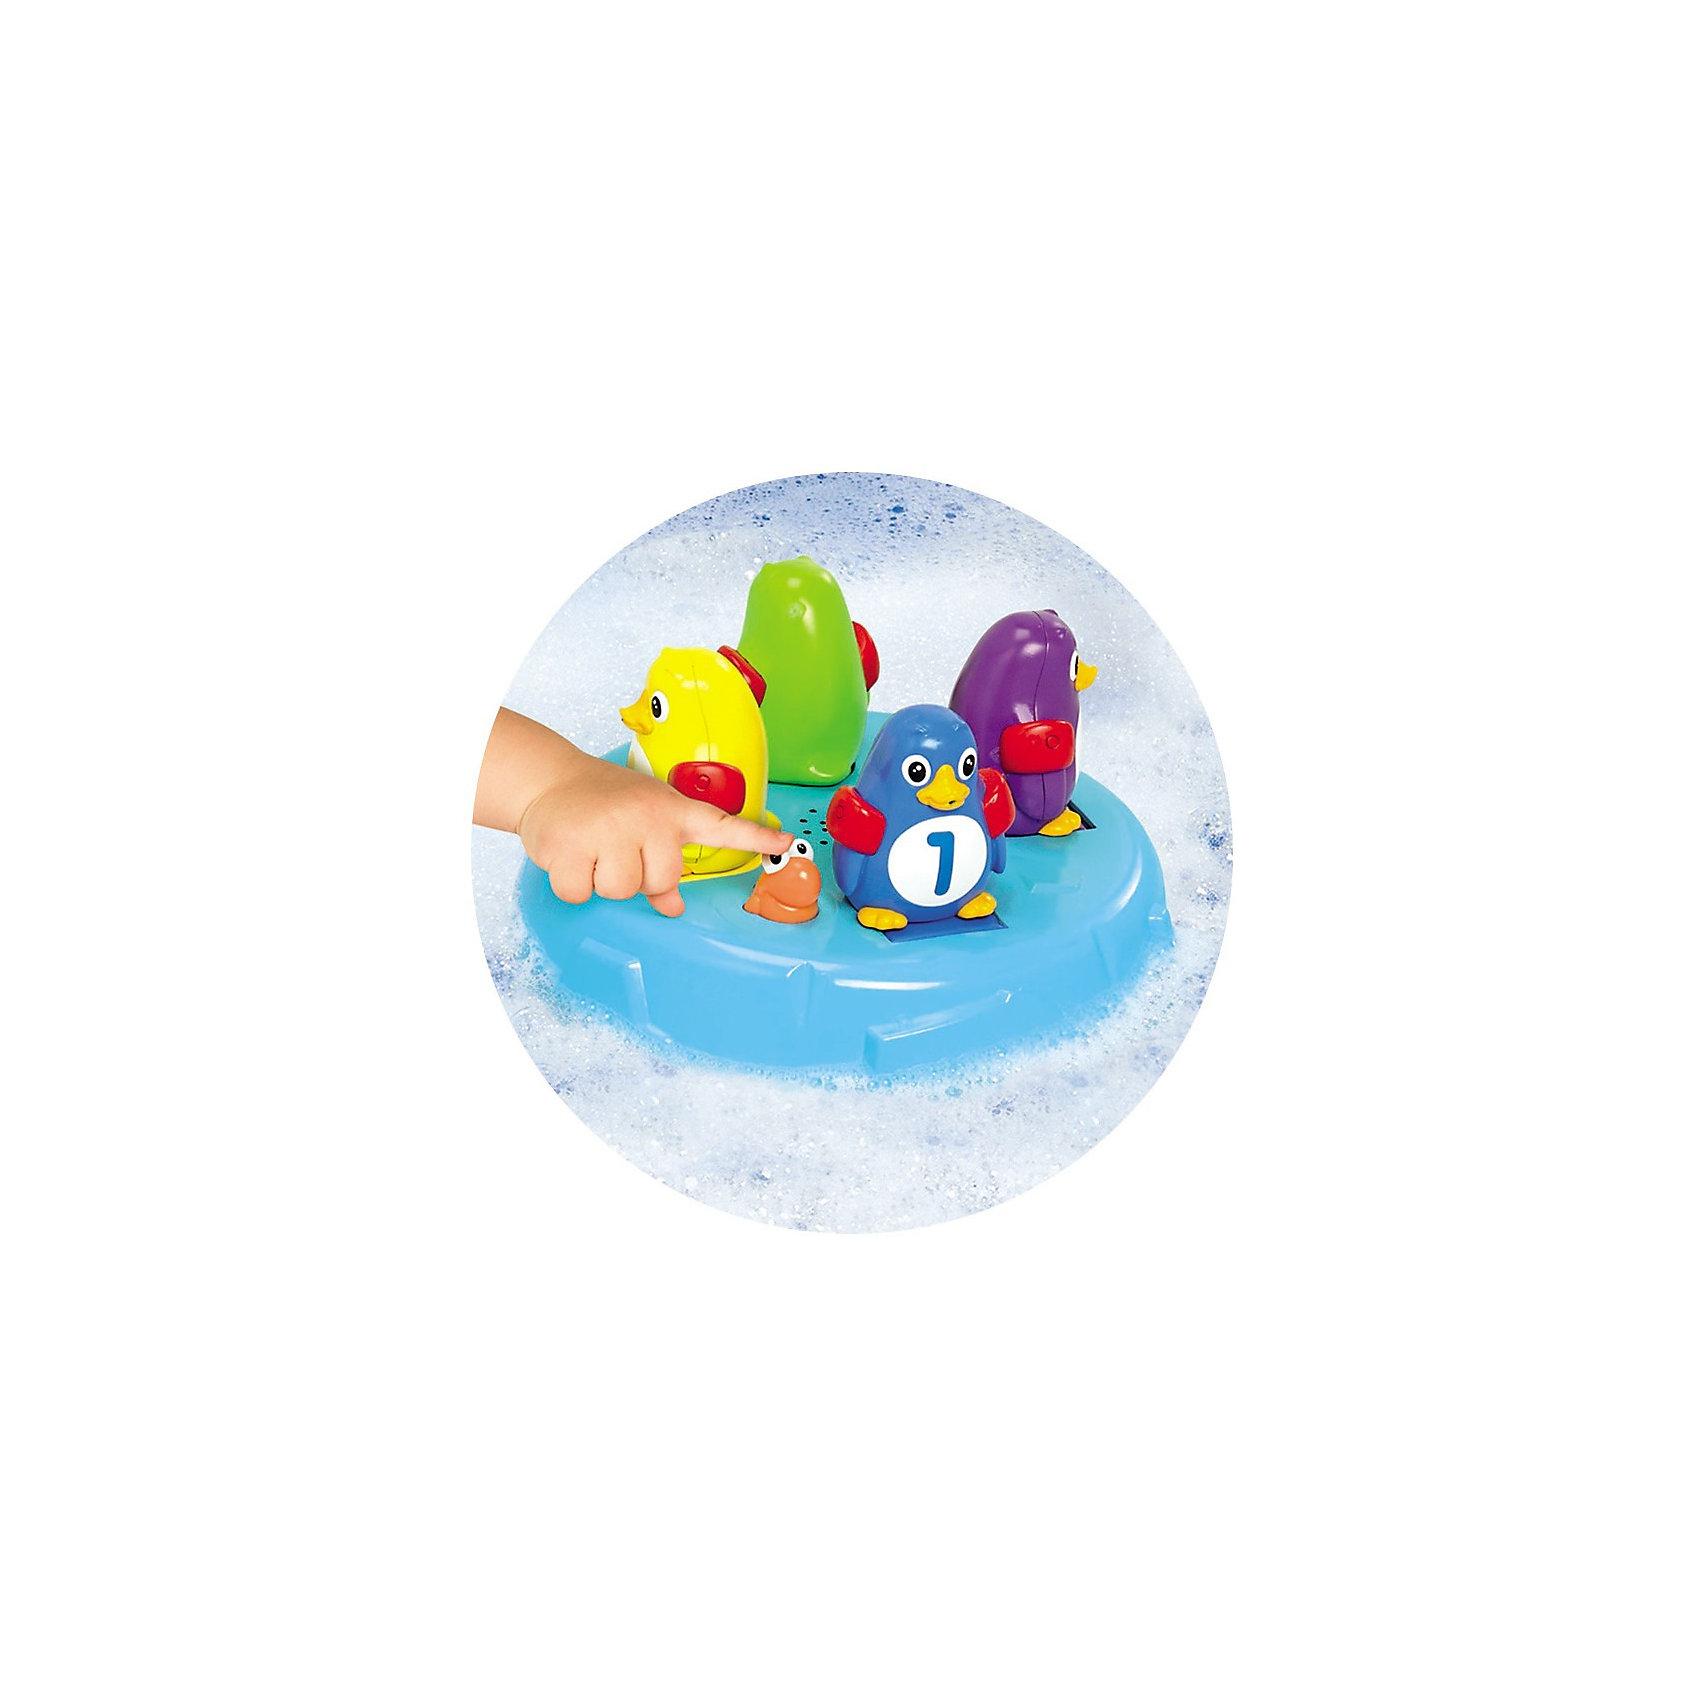 Игрушка для ванной Остров Пингвинов-Прыгунов, TOMYИгрушка для ванной  Островок Прыгунов Пингвинов от известной японской компании Томи сделает купание Вашего малыша весёлым и увлекательным!  <br>пингвинчику нужно занять платформу своего цвета. Все готовы?  Нажимаем на рыбку и под веселую музыку наши пингвины начинают по порядку  прыгать в воду, 1-й, 2-й, 3-й и 4-й. Можно вместе с малышом  попробовать поймать прыгающих пингвинов. Не получилось? Давайте попробуем снова! <br>Эта увлекательная игрушка подарит Вам и Вашему малышу много радостных минут во время купания! <br>Все игрушки Томи отличает высочайшее японское качество, уровень безопасности и надежность.<br><br>Дополнительная информация:<br><br>В комплекте:  островок с рыбкой и 4 разноцветных пингвина. <br>Работает от 3-х  батареек  ААА ( в комплект не входят)<br>Размеры упаковки: 28 x 28 x 8.5 см.<br><br>Игрушка для ванной Остров Пингвинов-Прыгунов, TOMY (Томи) можно купить в нашем магазине.<br><br>Ширина мм: 286<br>Глубина мм: 283<br>Высота мм: 91<br>Вес г: 748<br>Возраст от месяцев: 18<br>Возраст до месяцев: 36<br>Пол: Унисекс<br>Возраст: Детский<br>SKU: 3590470